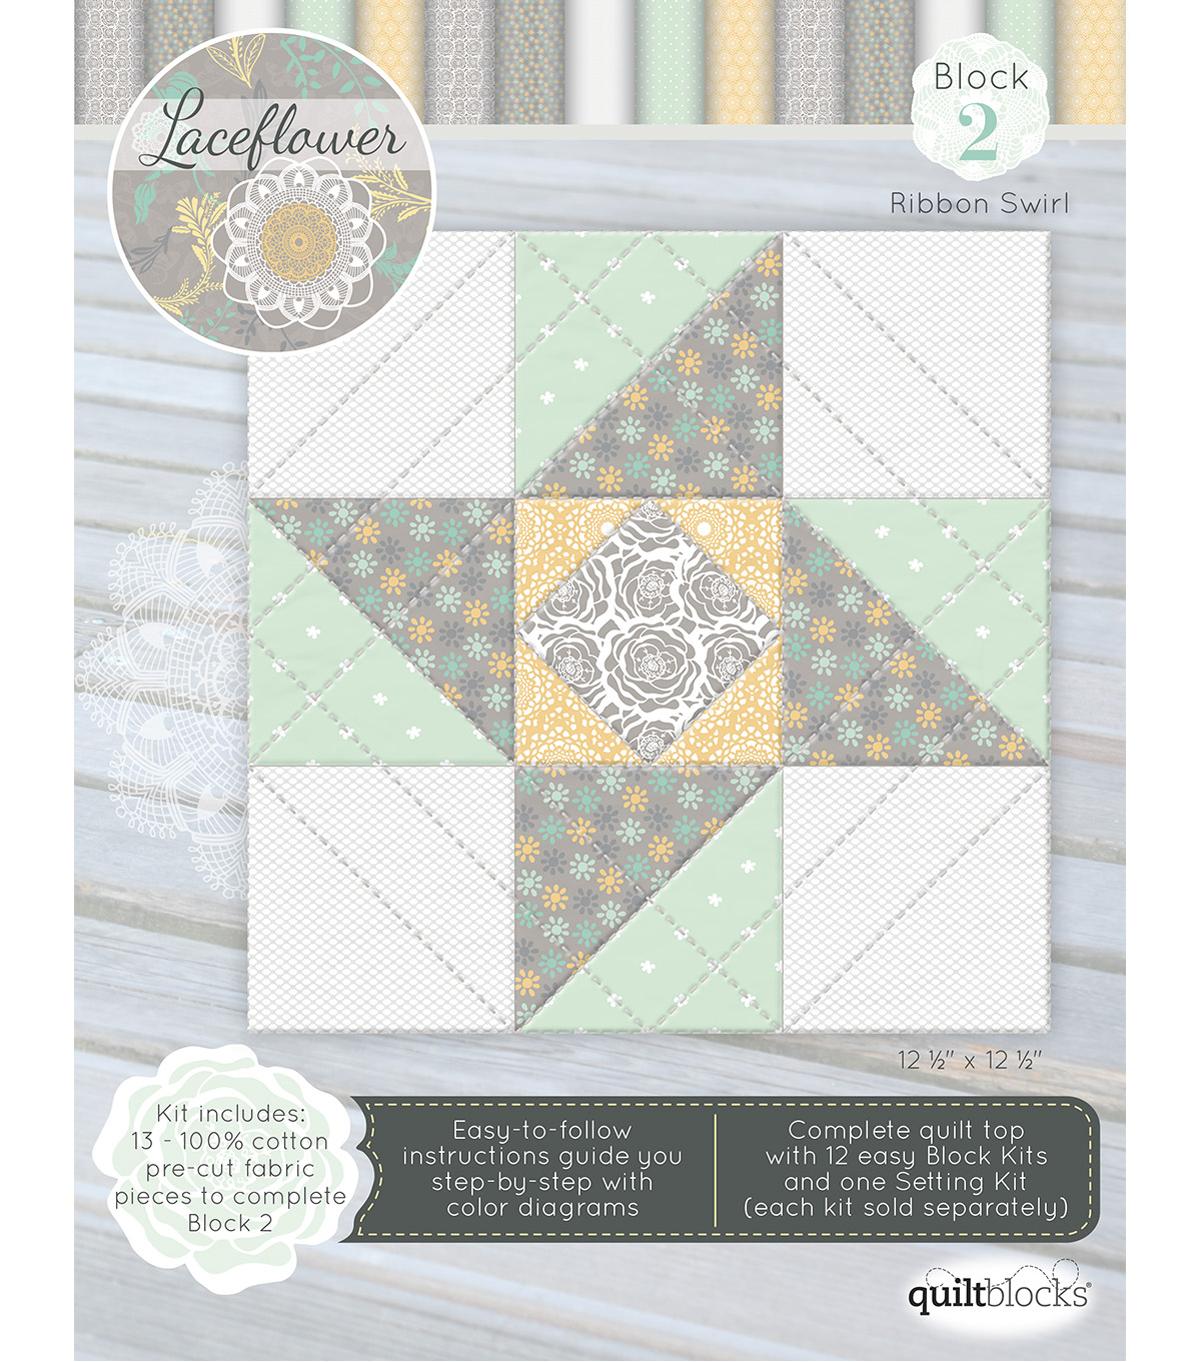 Qbom Laceflower Block 2 | JOANN : joann fabrics quilt kits - Adamdwight.com